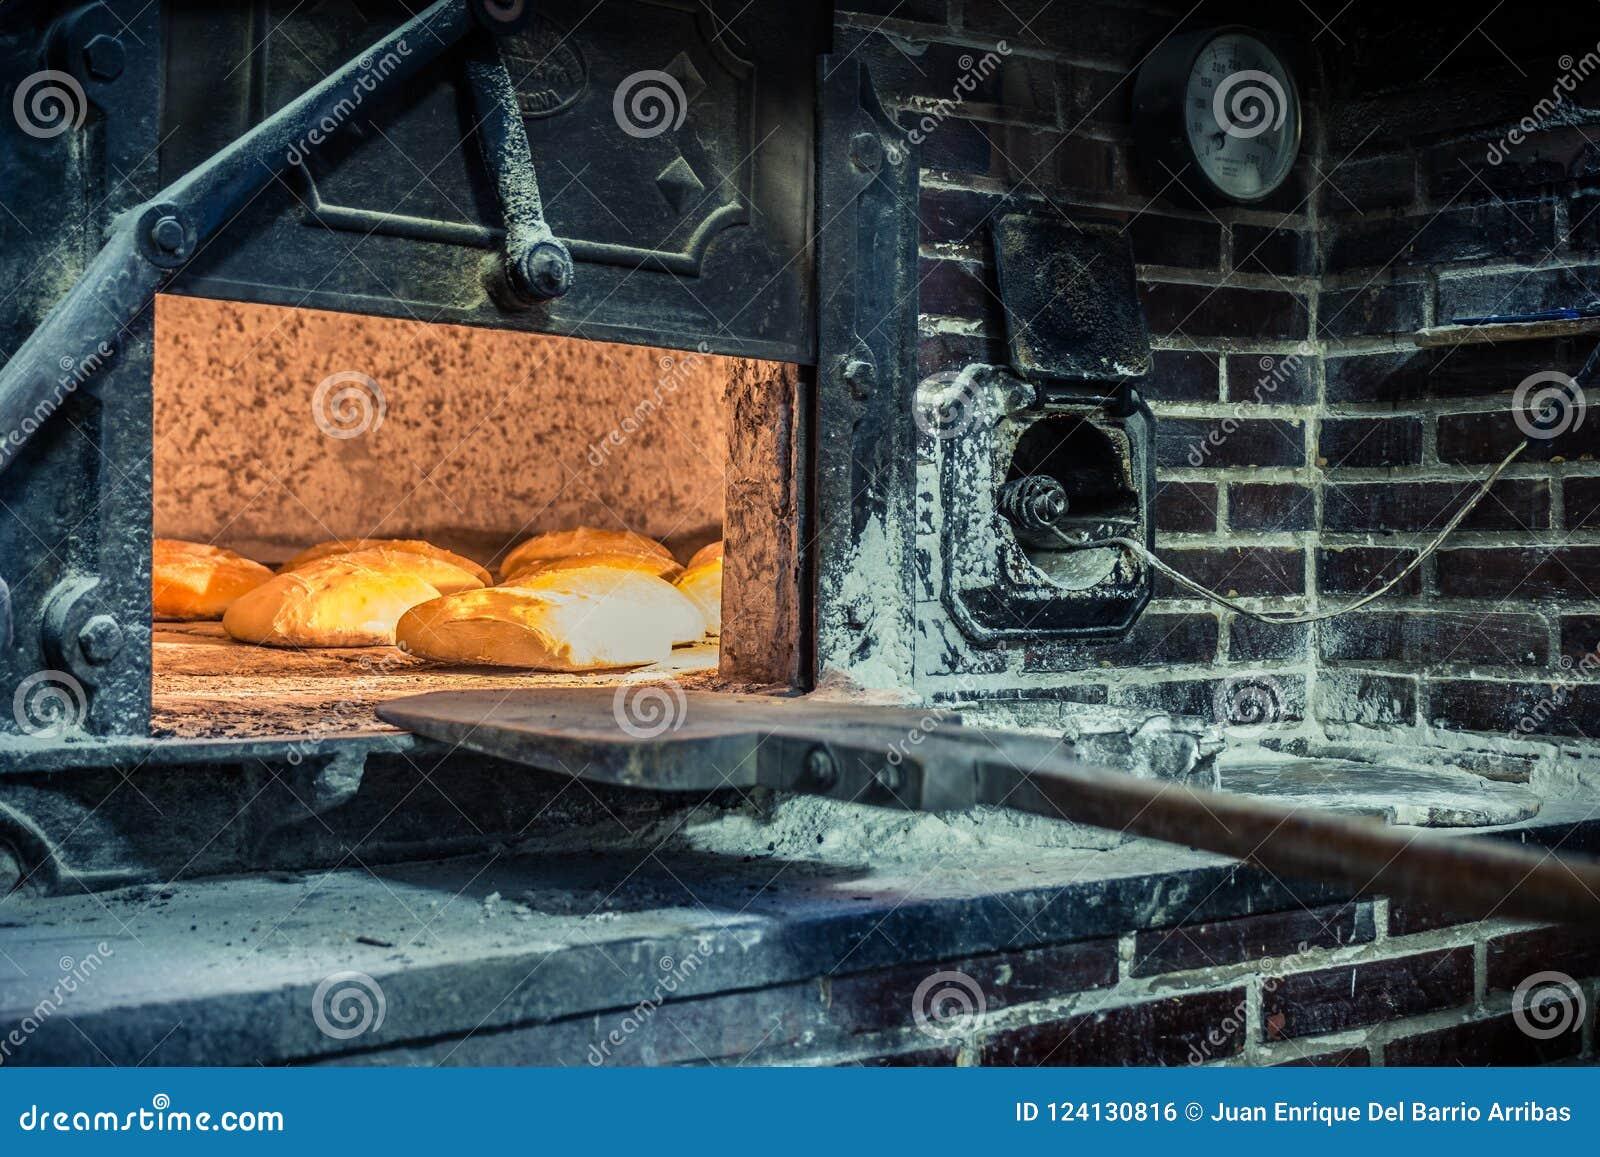 Elaboración del pan en horno de madera tradicional